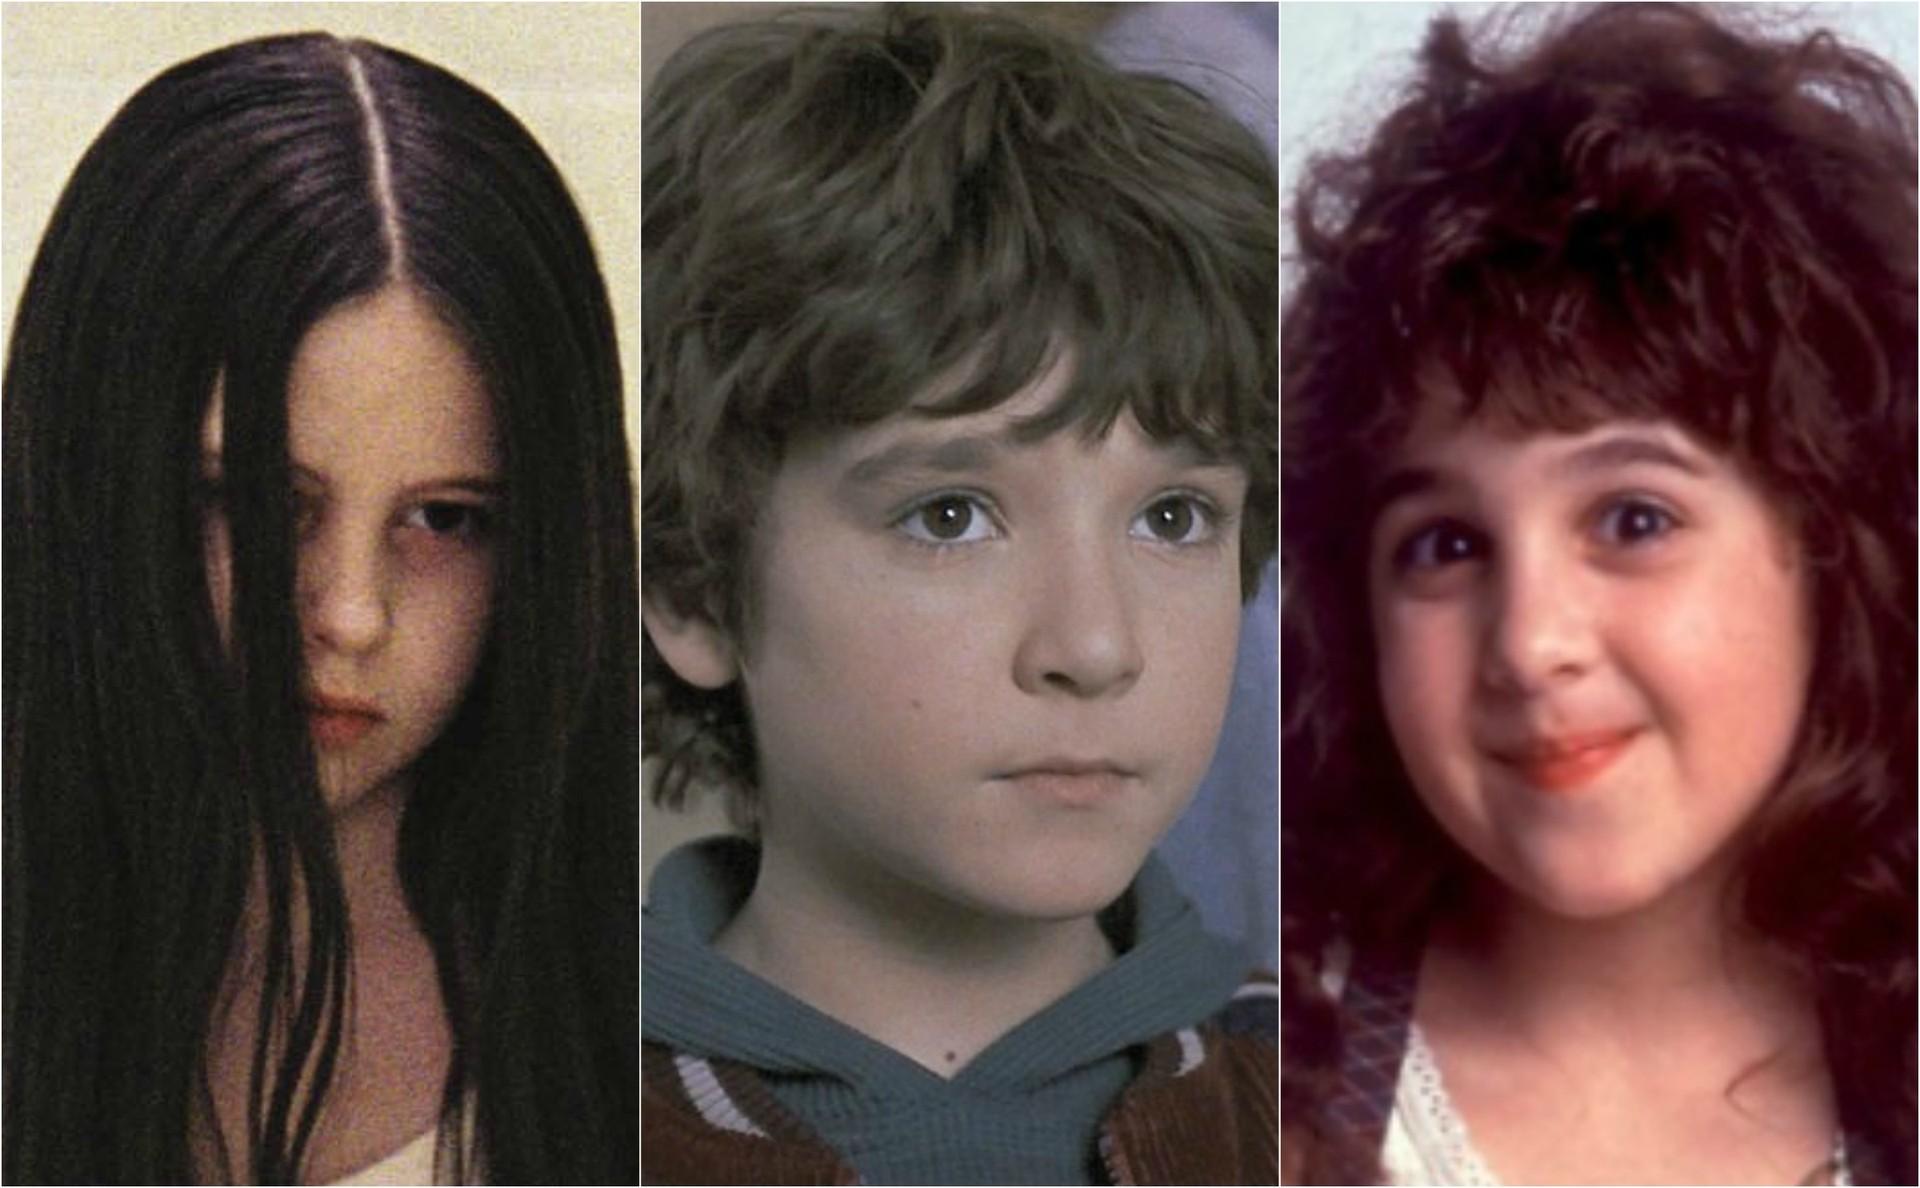 Crianças famosas de 'O Chamado', 'Jumanji' e 'A Malandrinha'. (Foto: Reprodução)